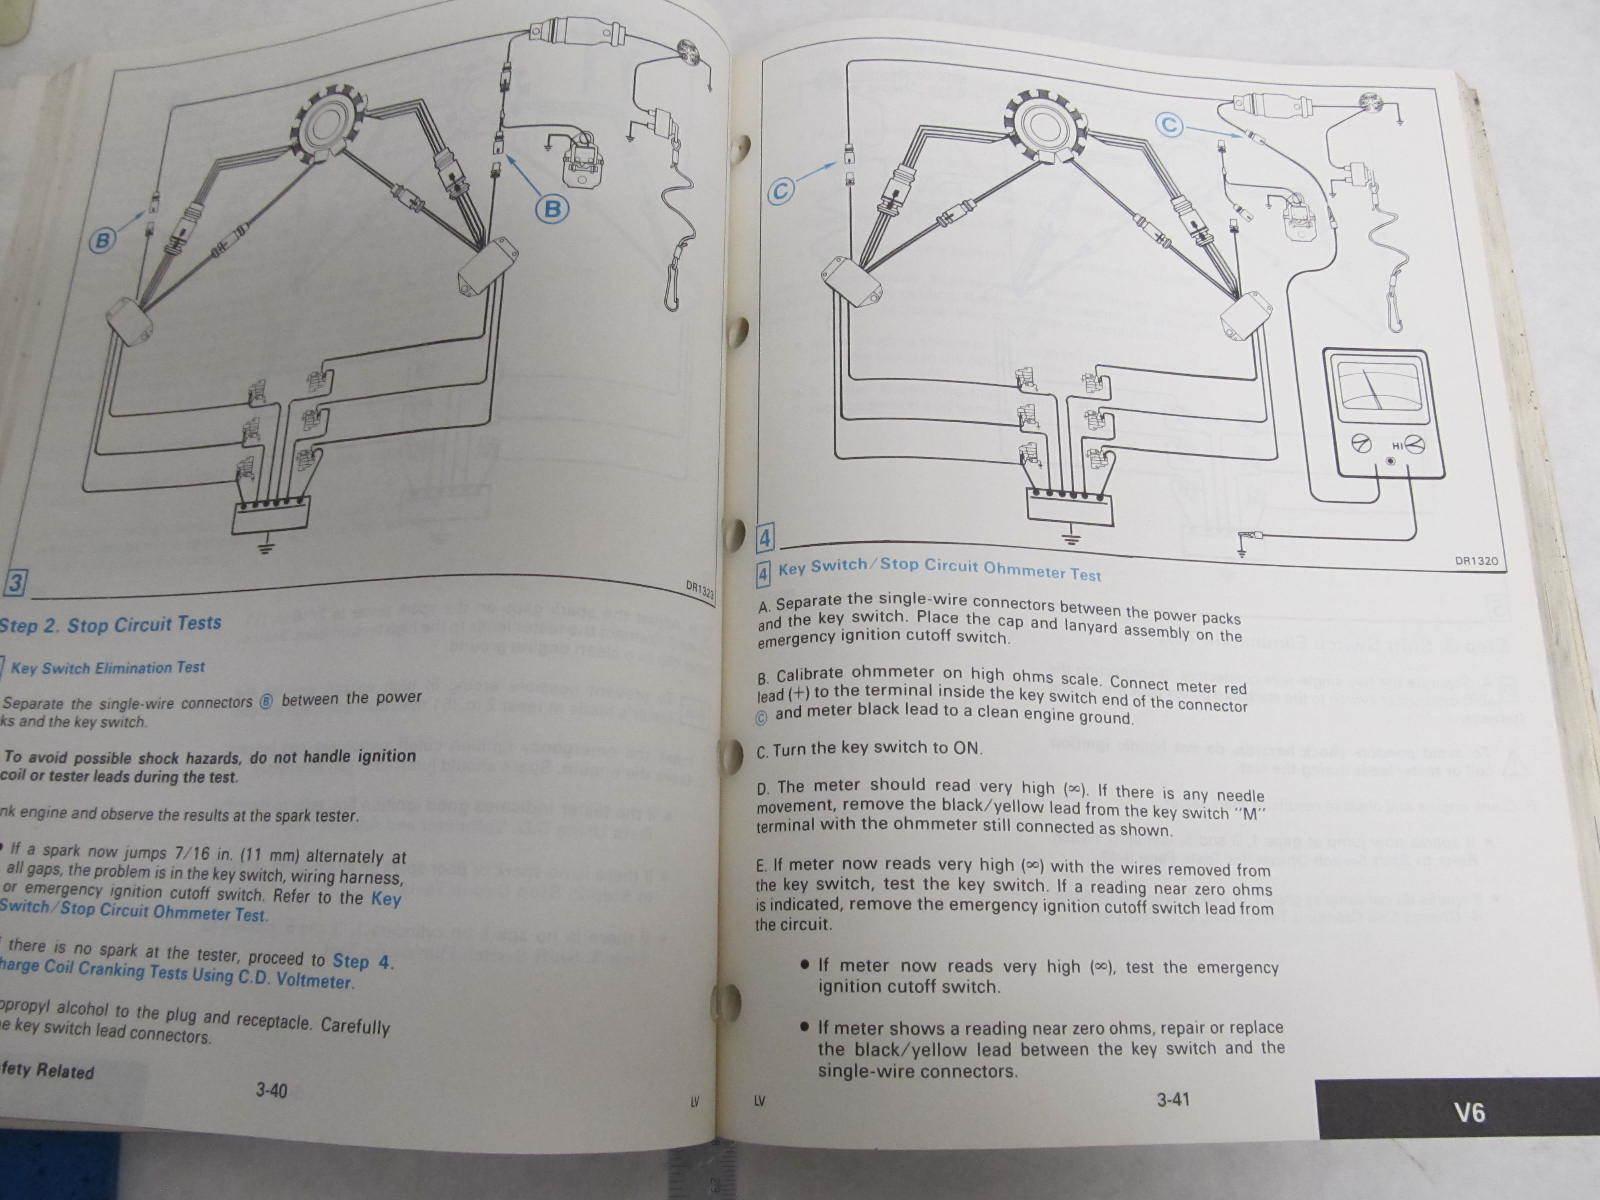 1987 Evinrude Repair Manual